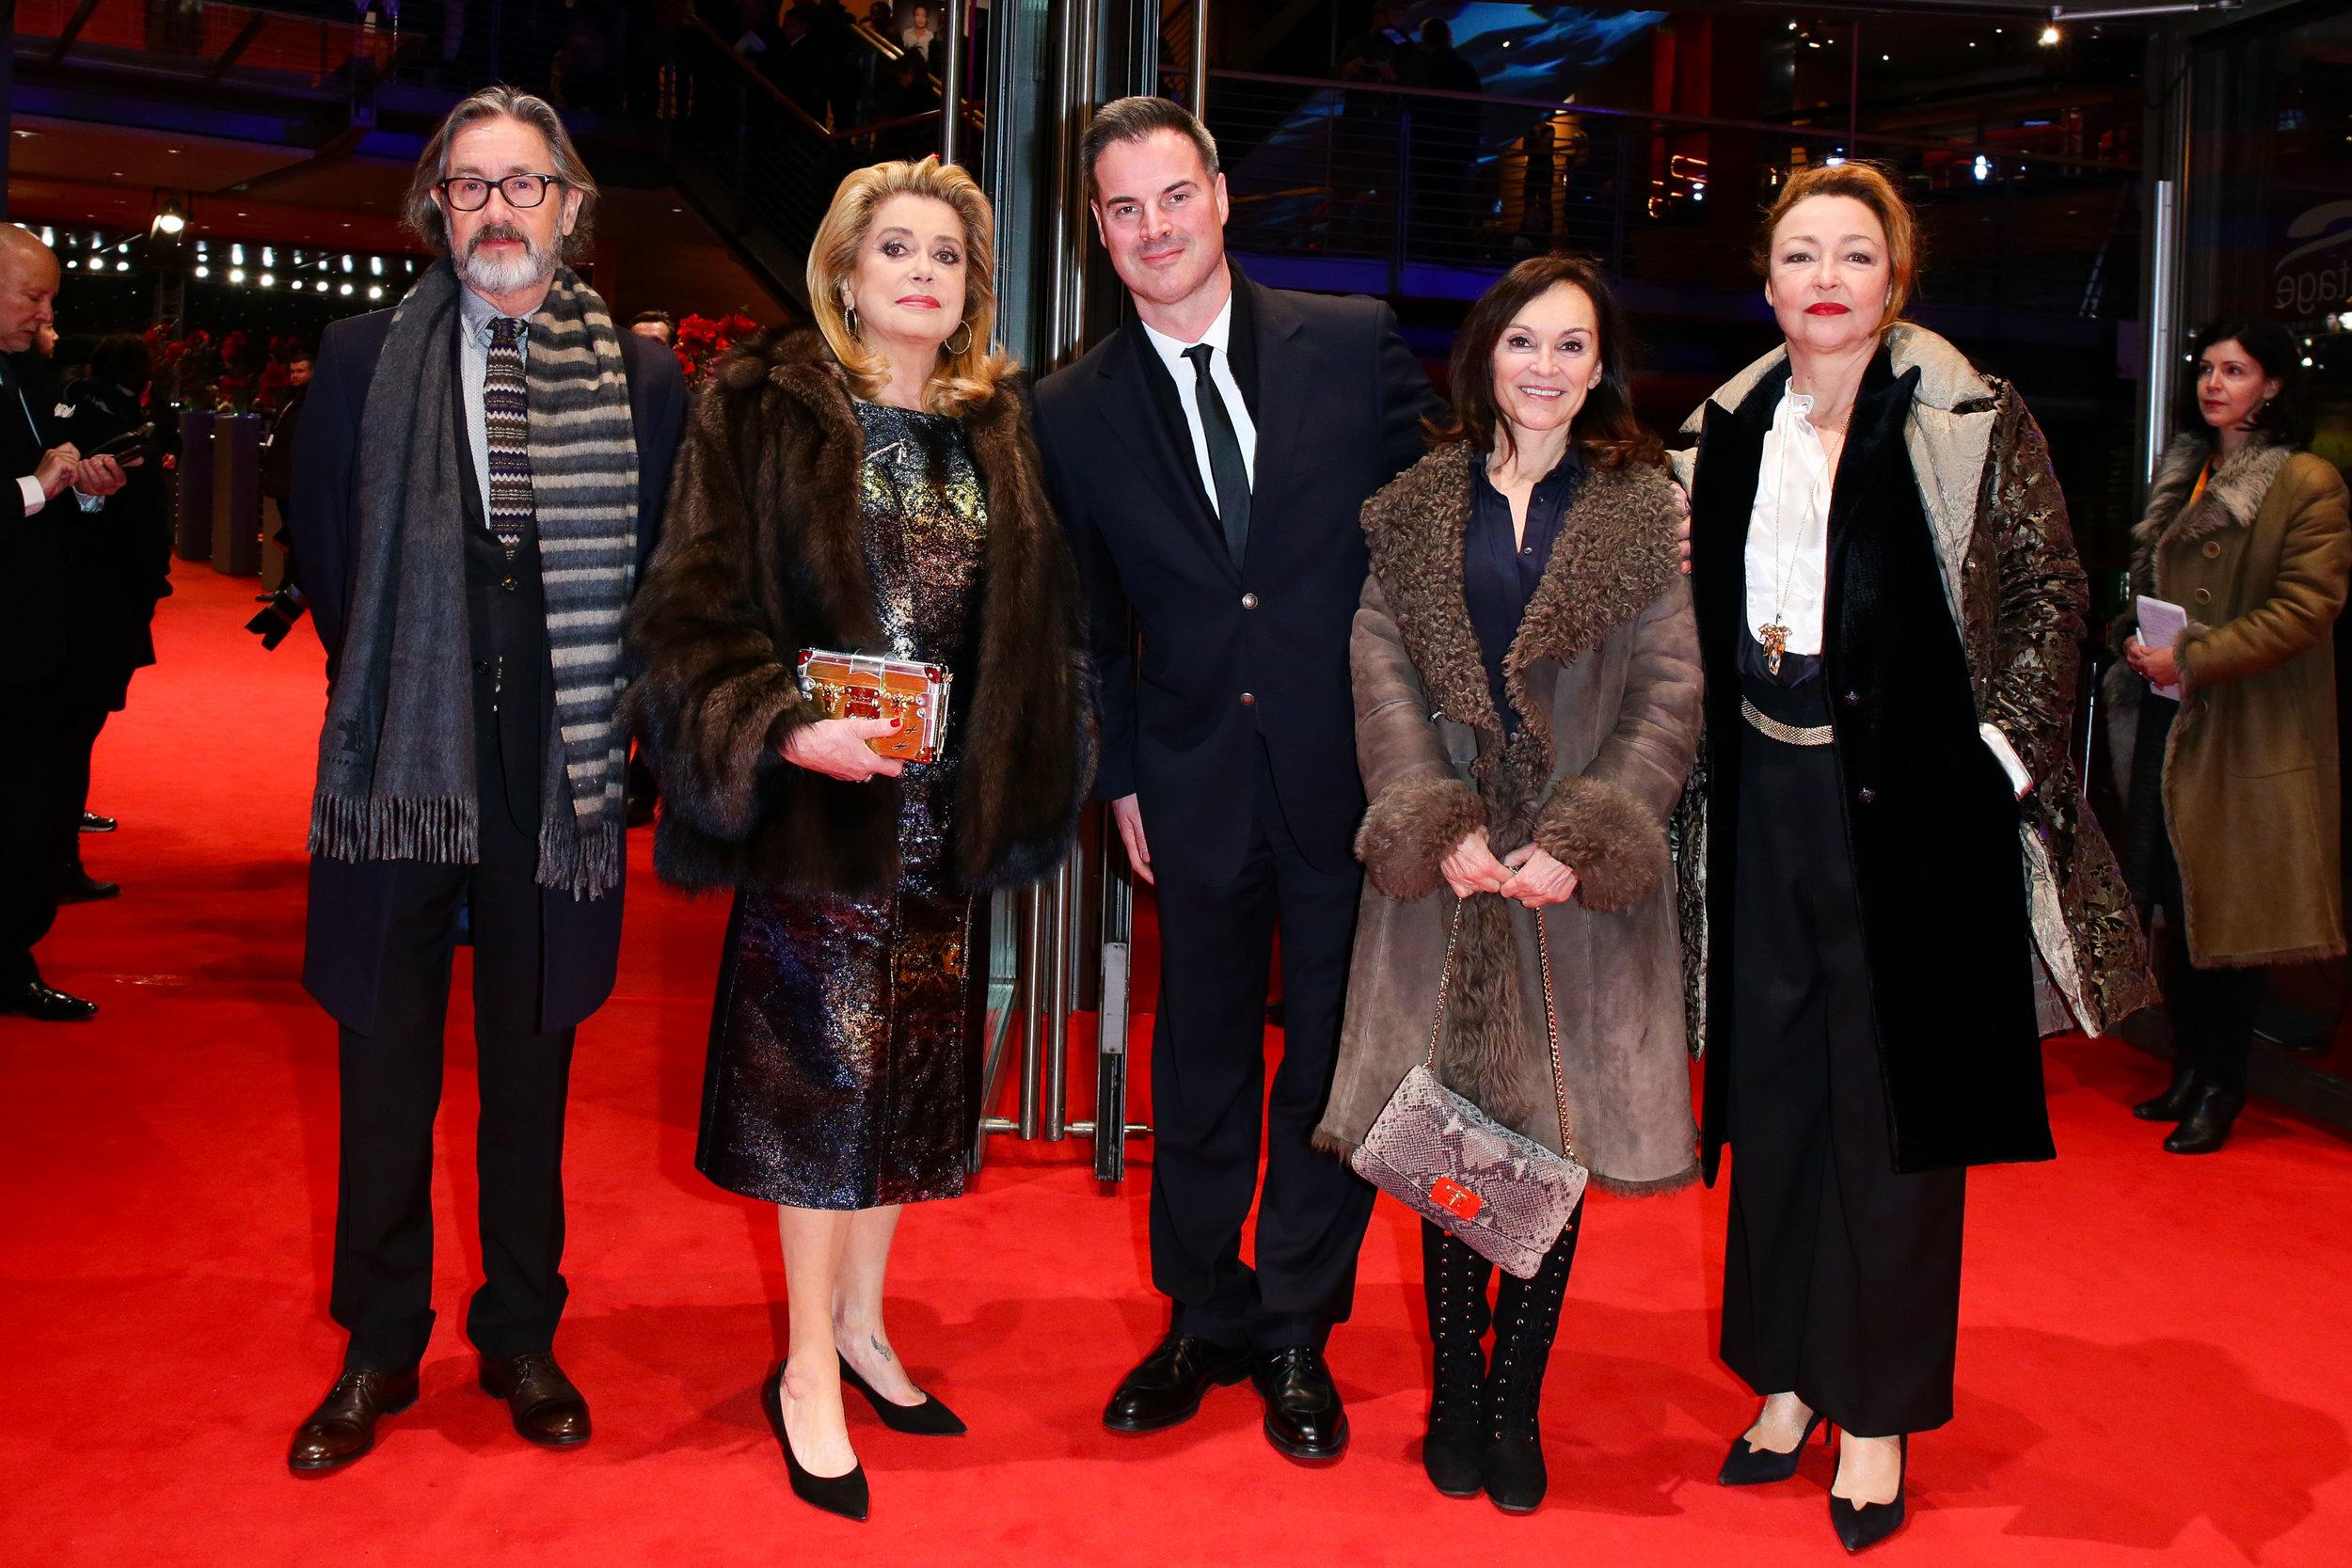 EIN KUSS VON BEATRICE, Weltpremiere auf der Berlinale 2017